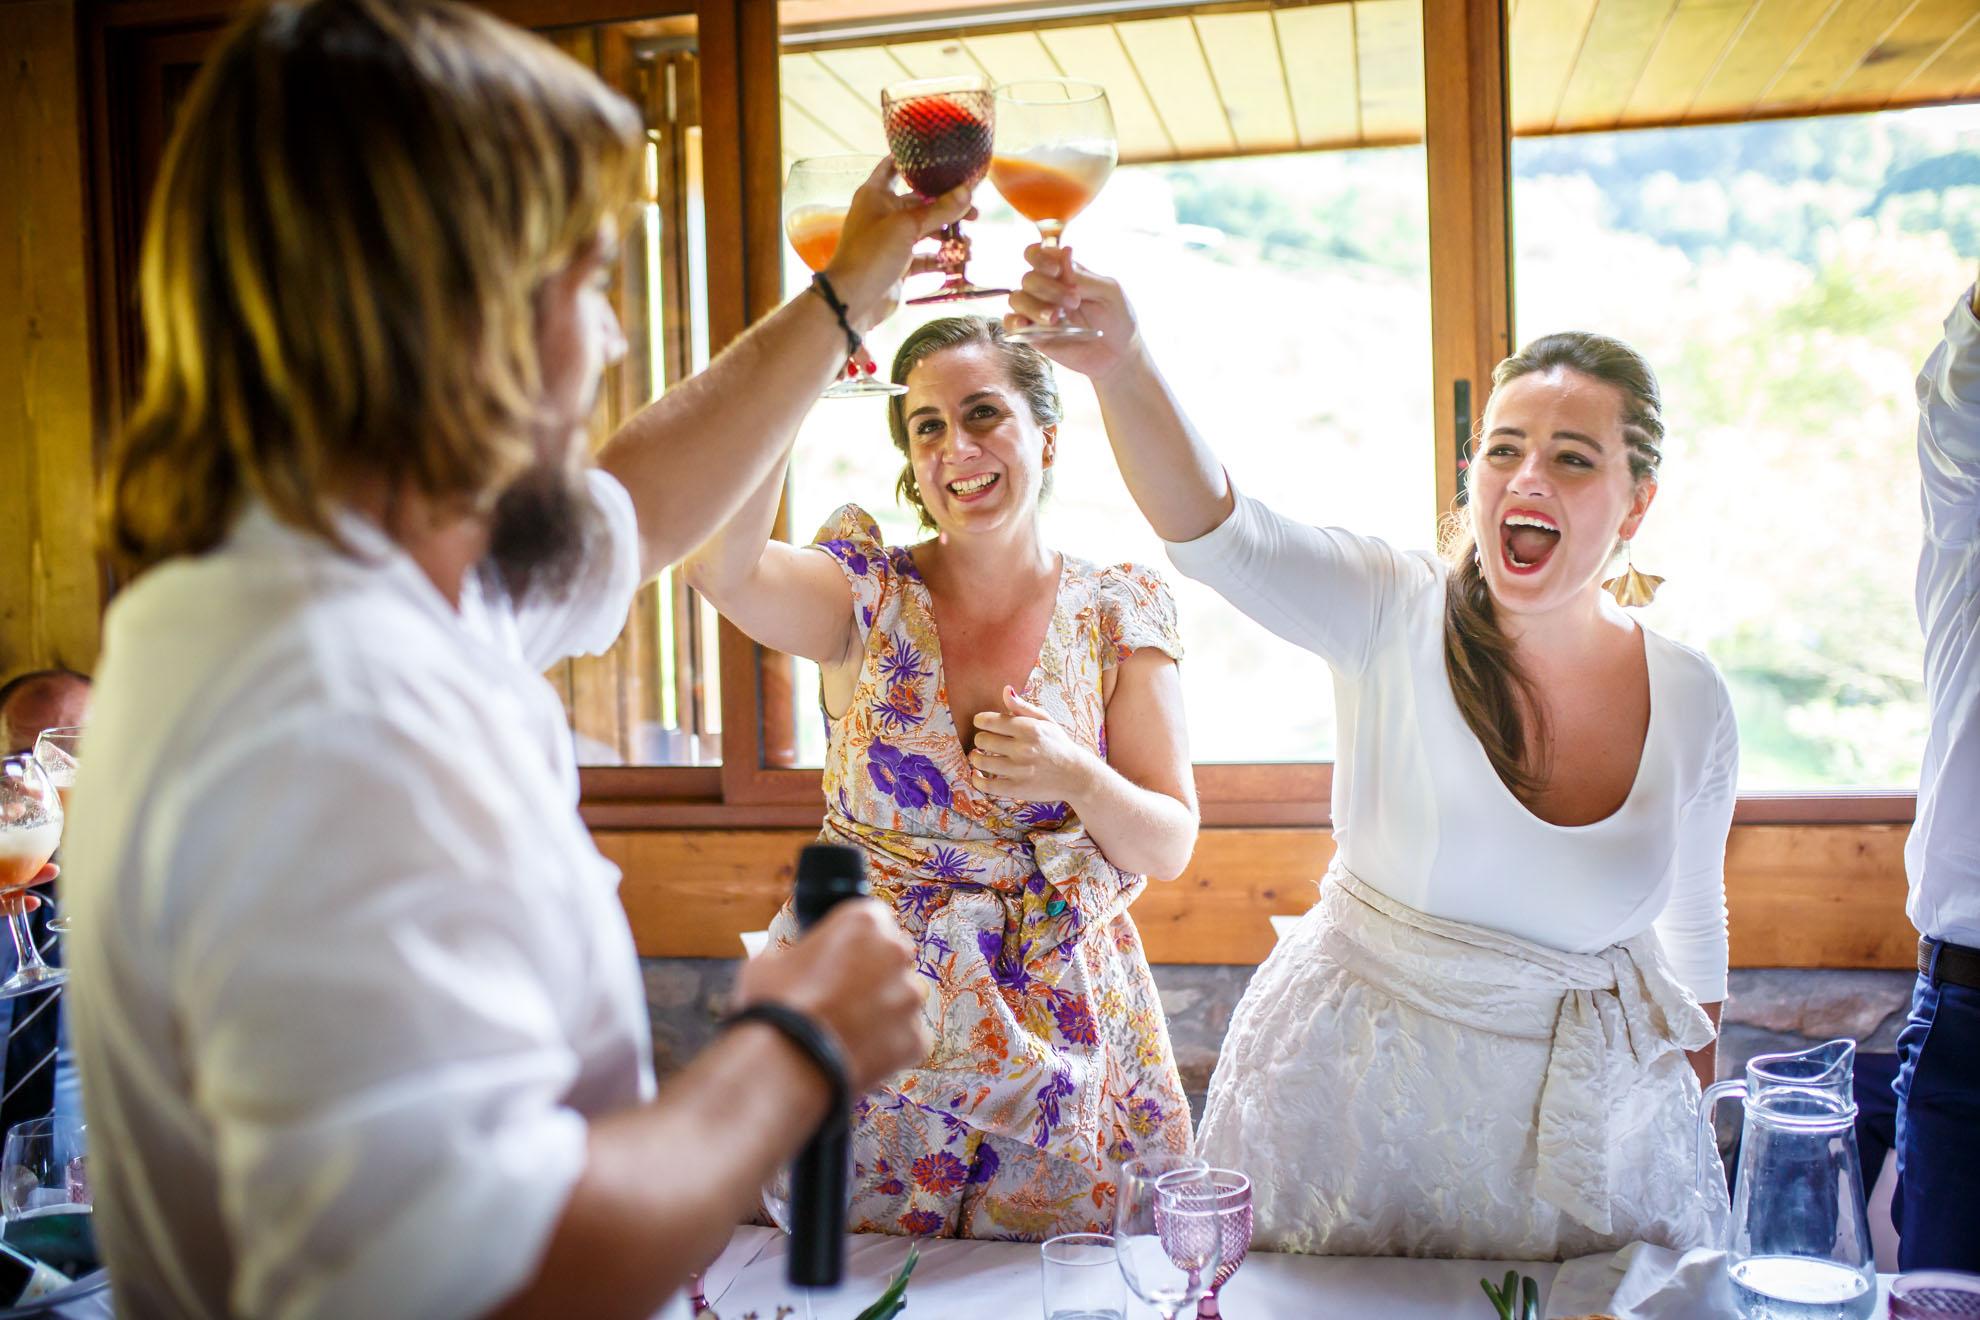 reportaje-en-fagoagako-dorretxea-fotografos-de-boda-en-guipuzcoa